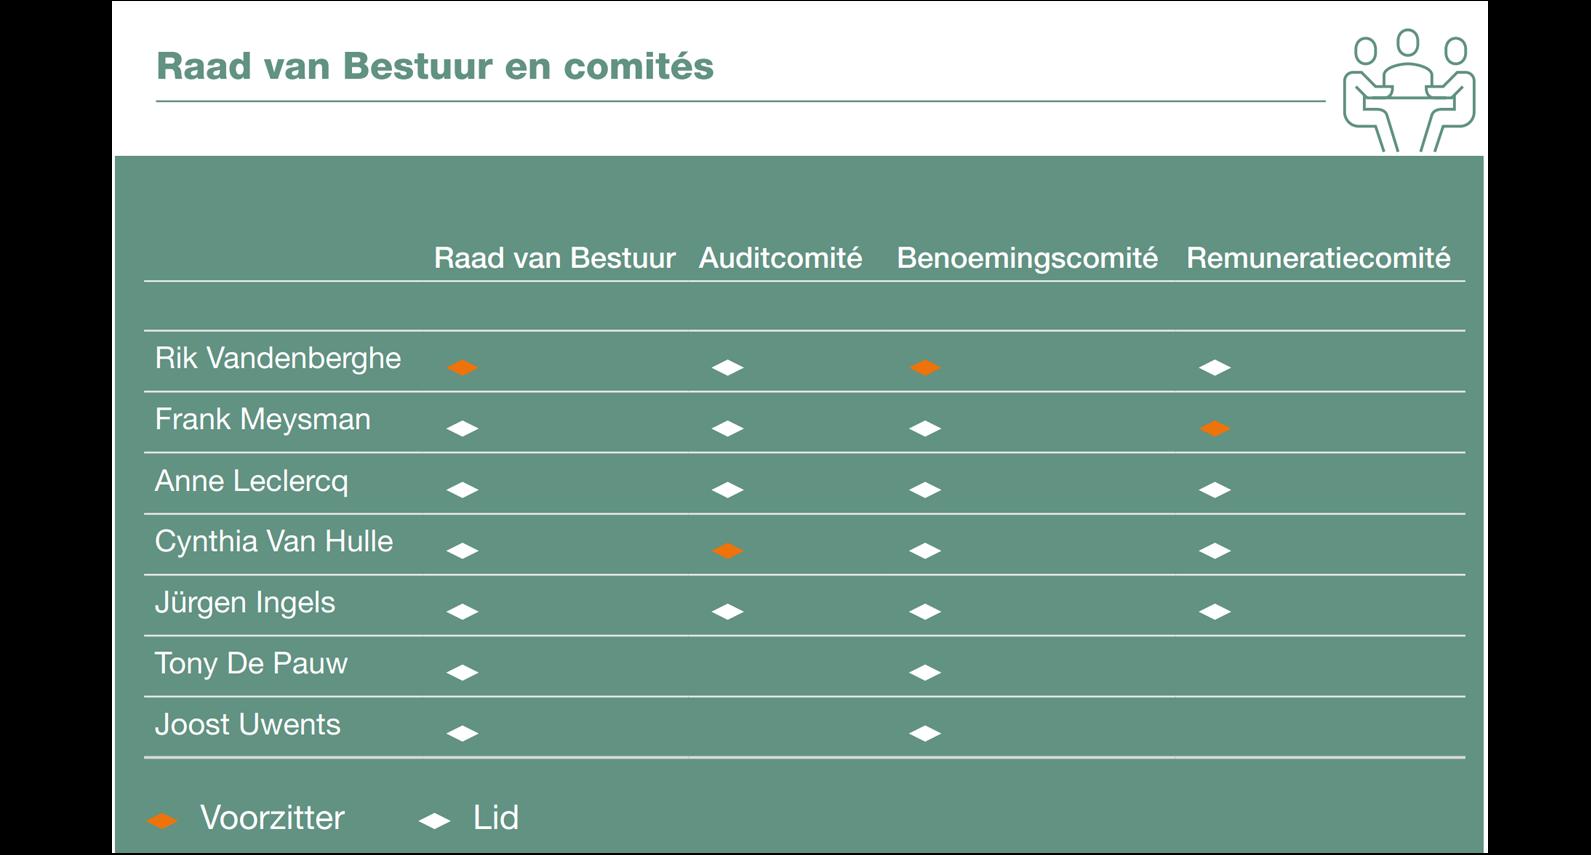 WDP Raad van Bestuur - NL